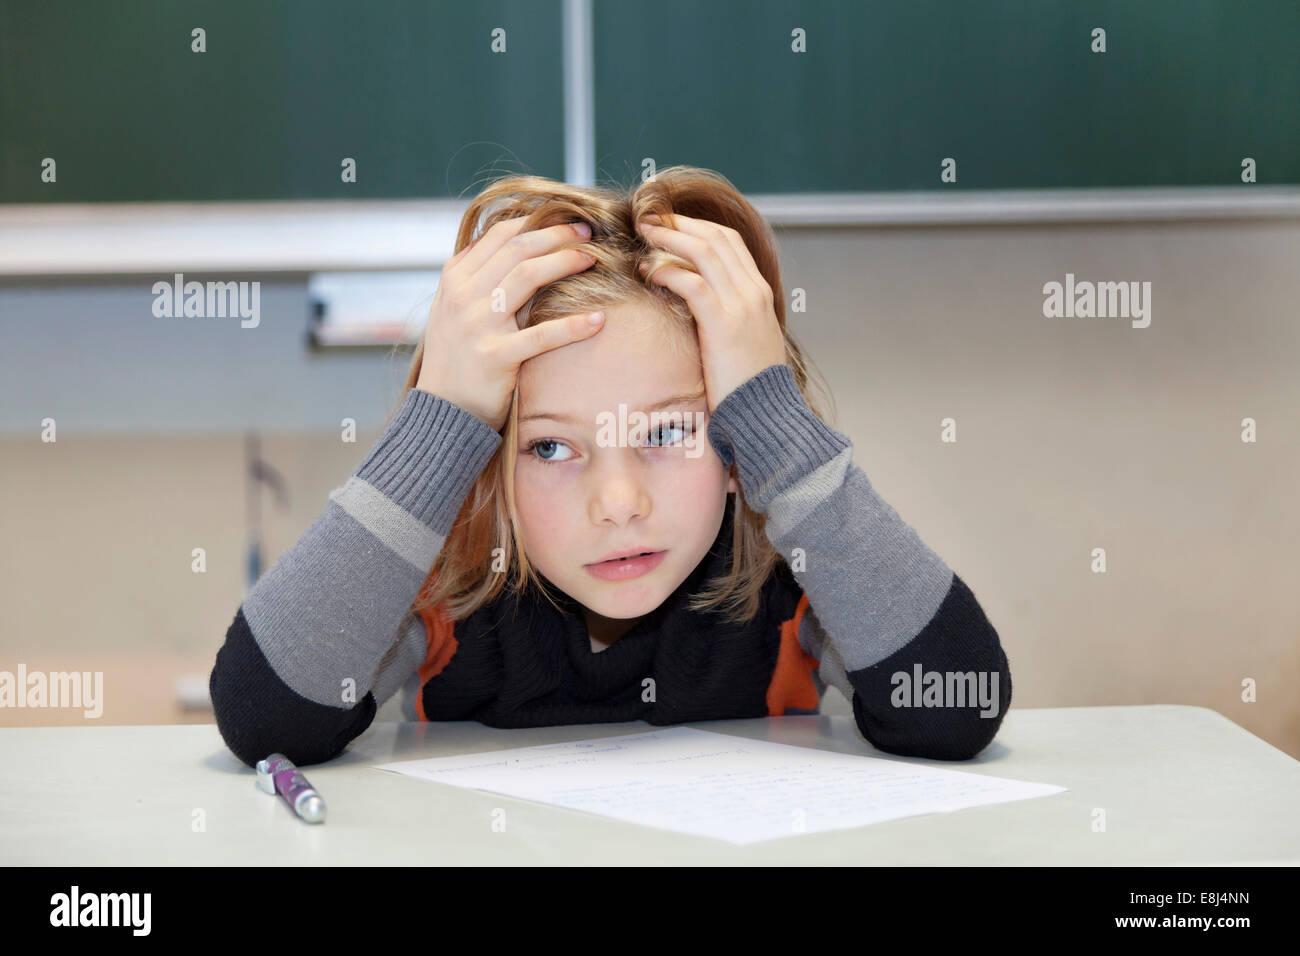 Schulmädchen, 9 Jahre, während eine schwierige Prüfung kämpfen Stockfoto